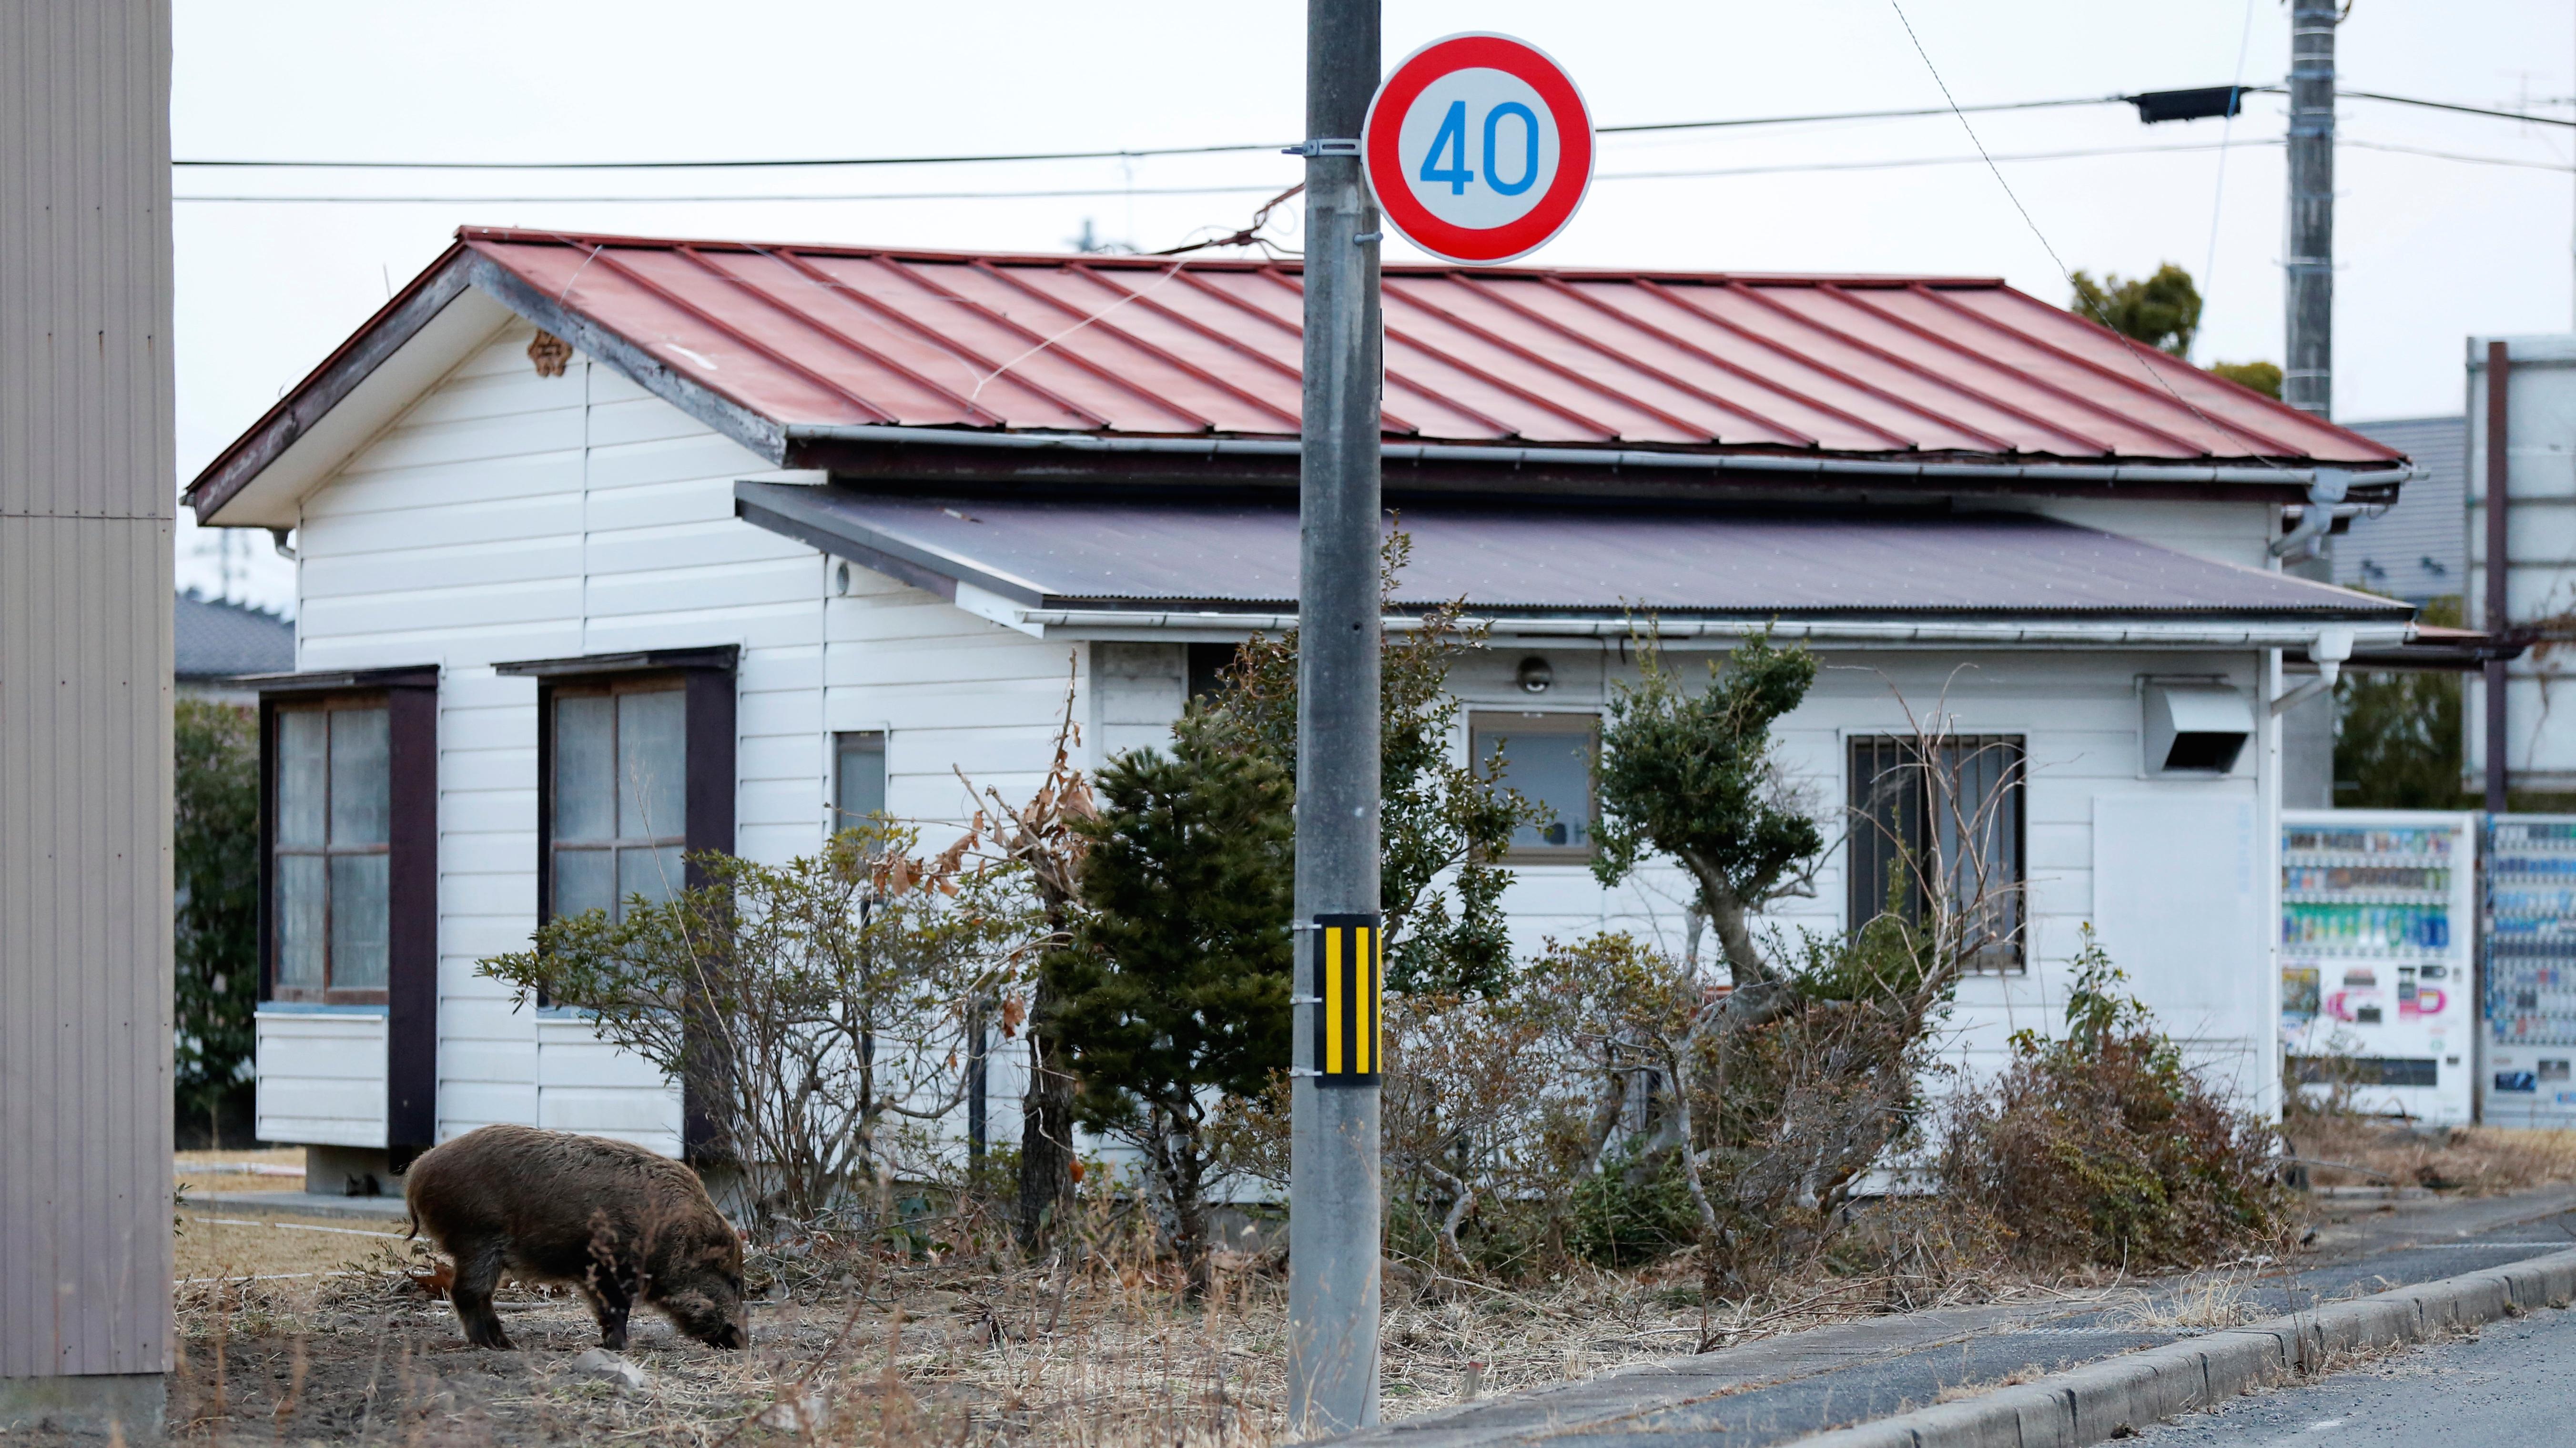 Wild boar in Namie, Japan.